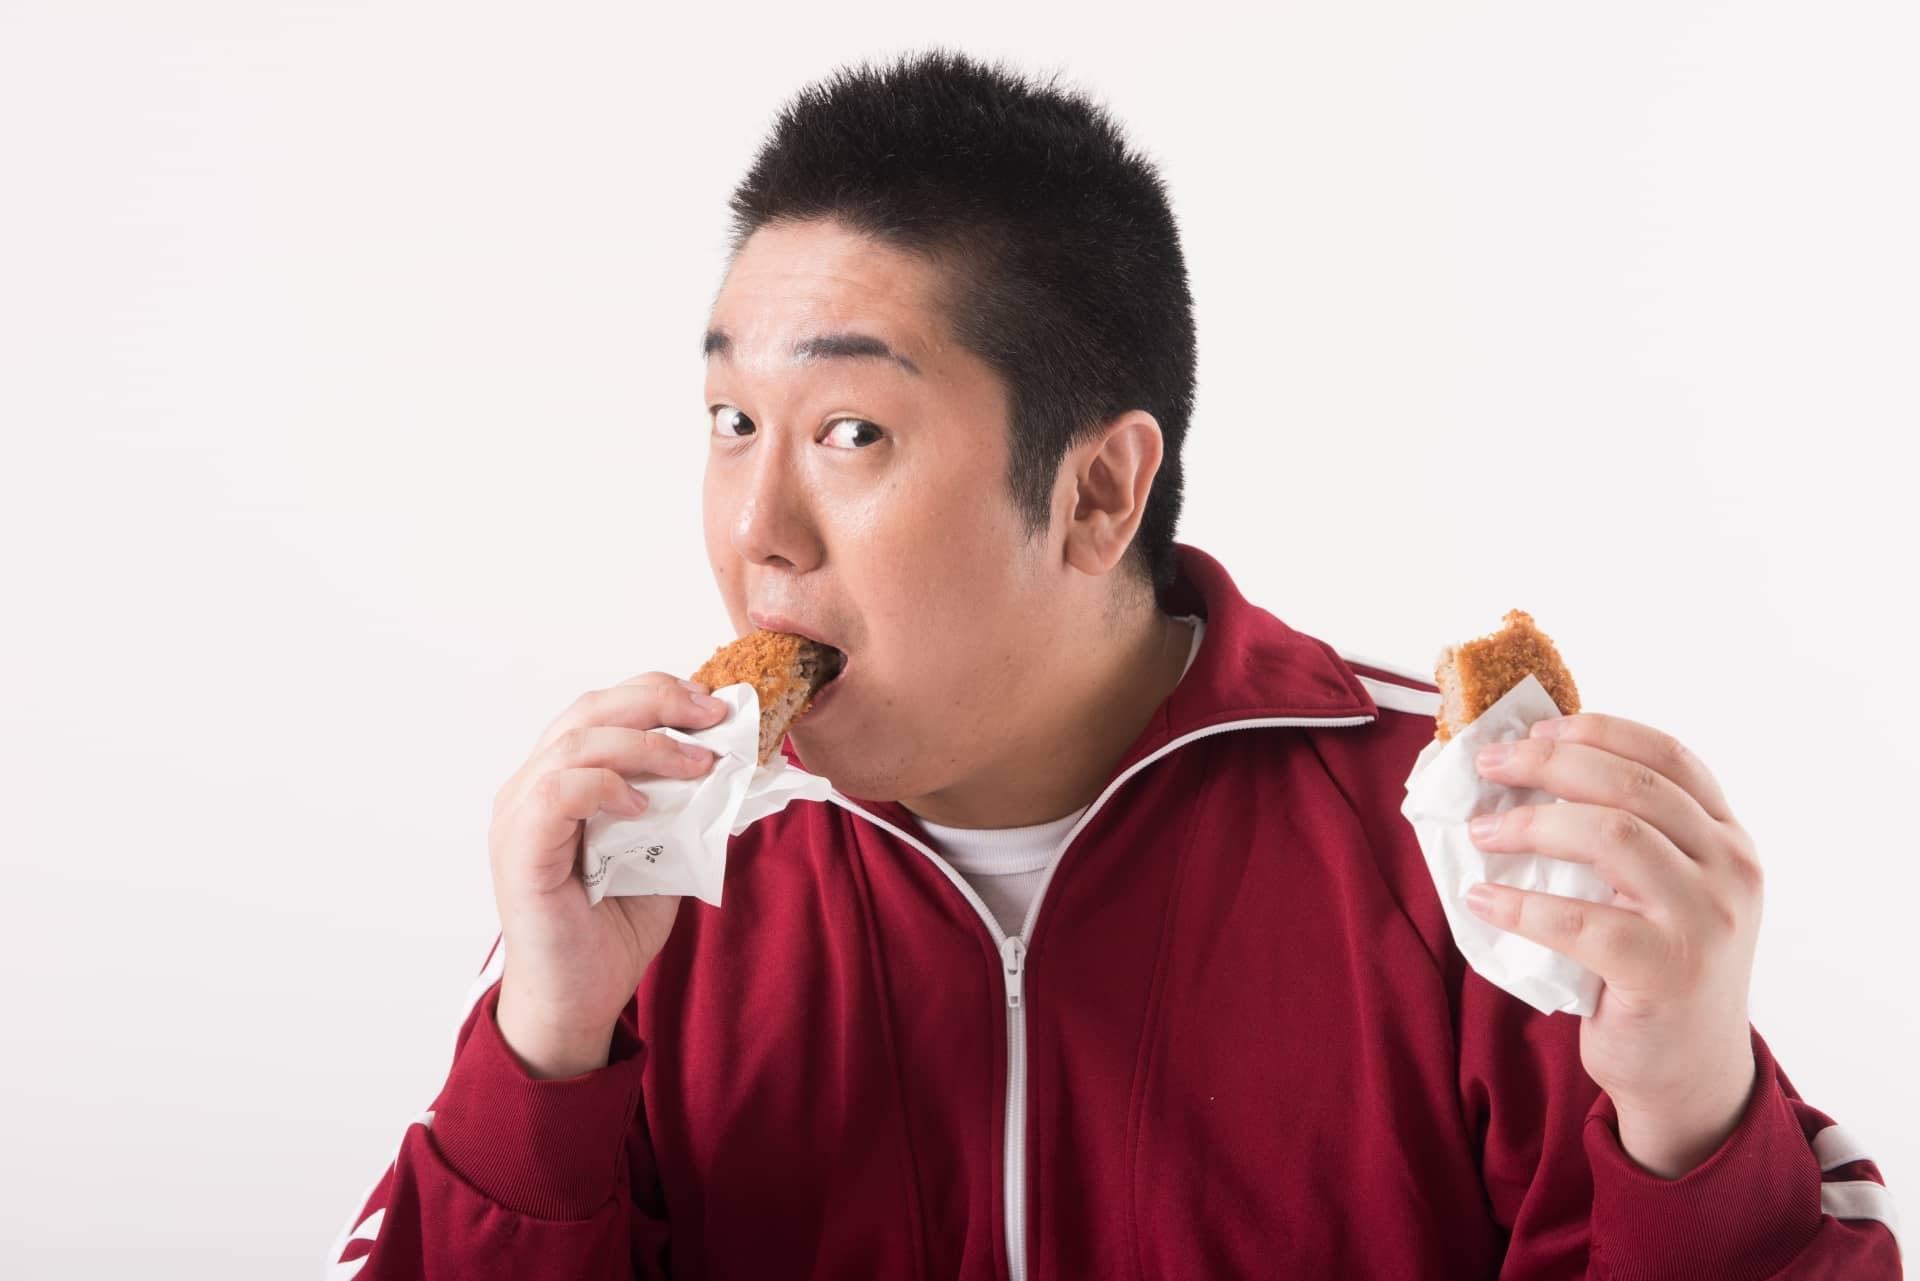 揚げ物を食べる男性